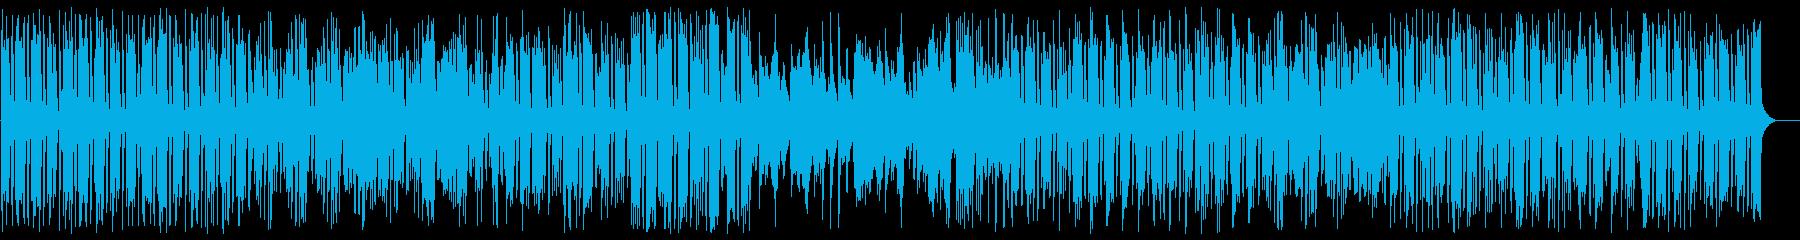 アップテンポのメロディーの綺麗なピアノの再生済みの波形